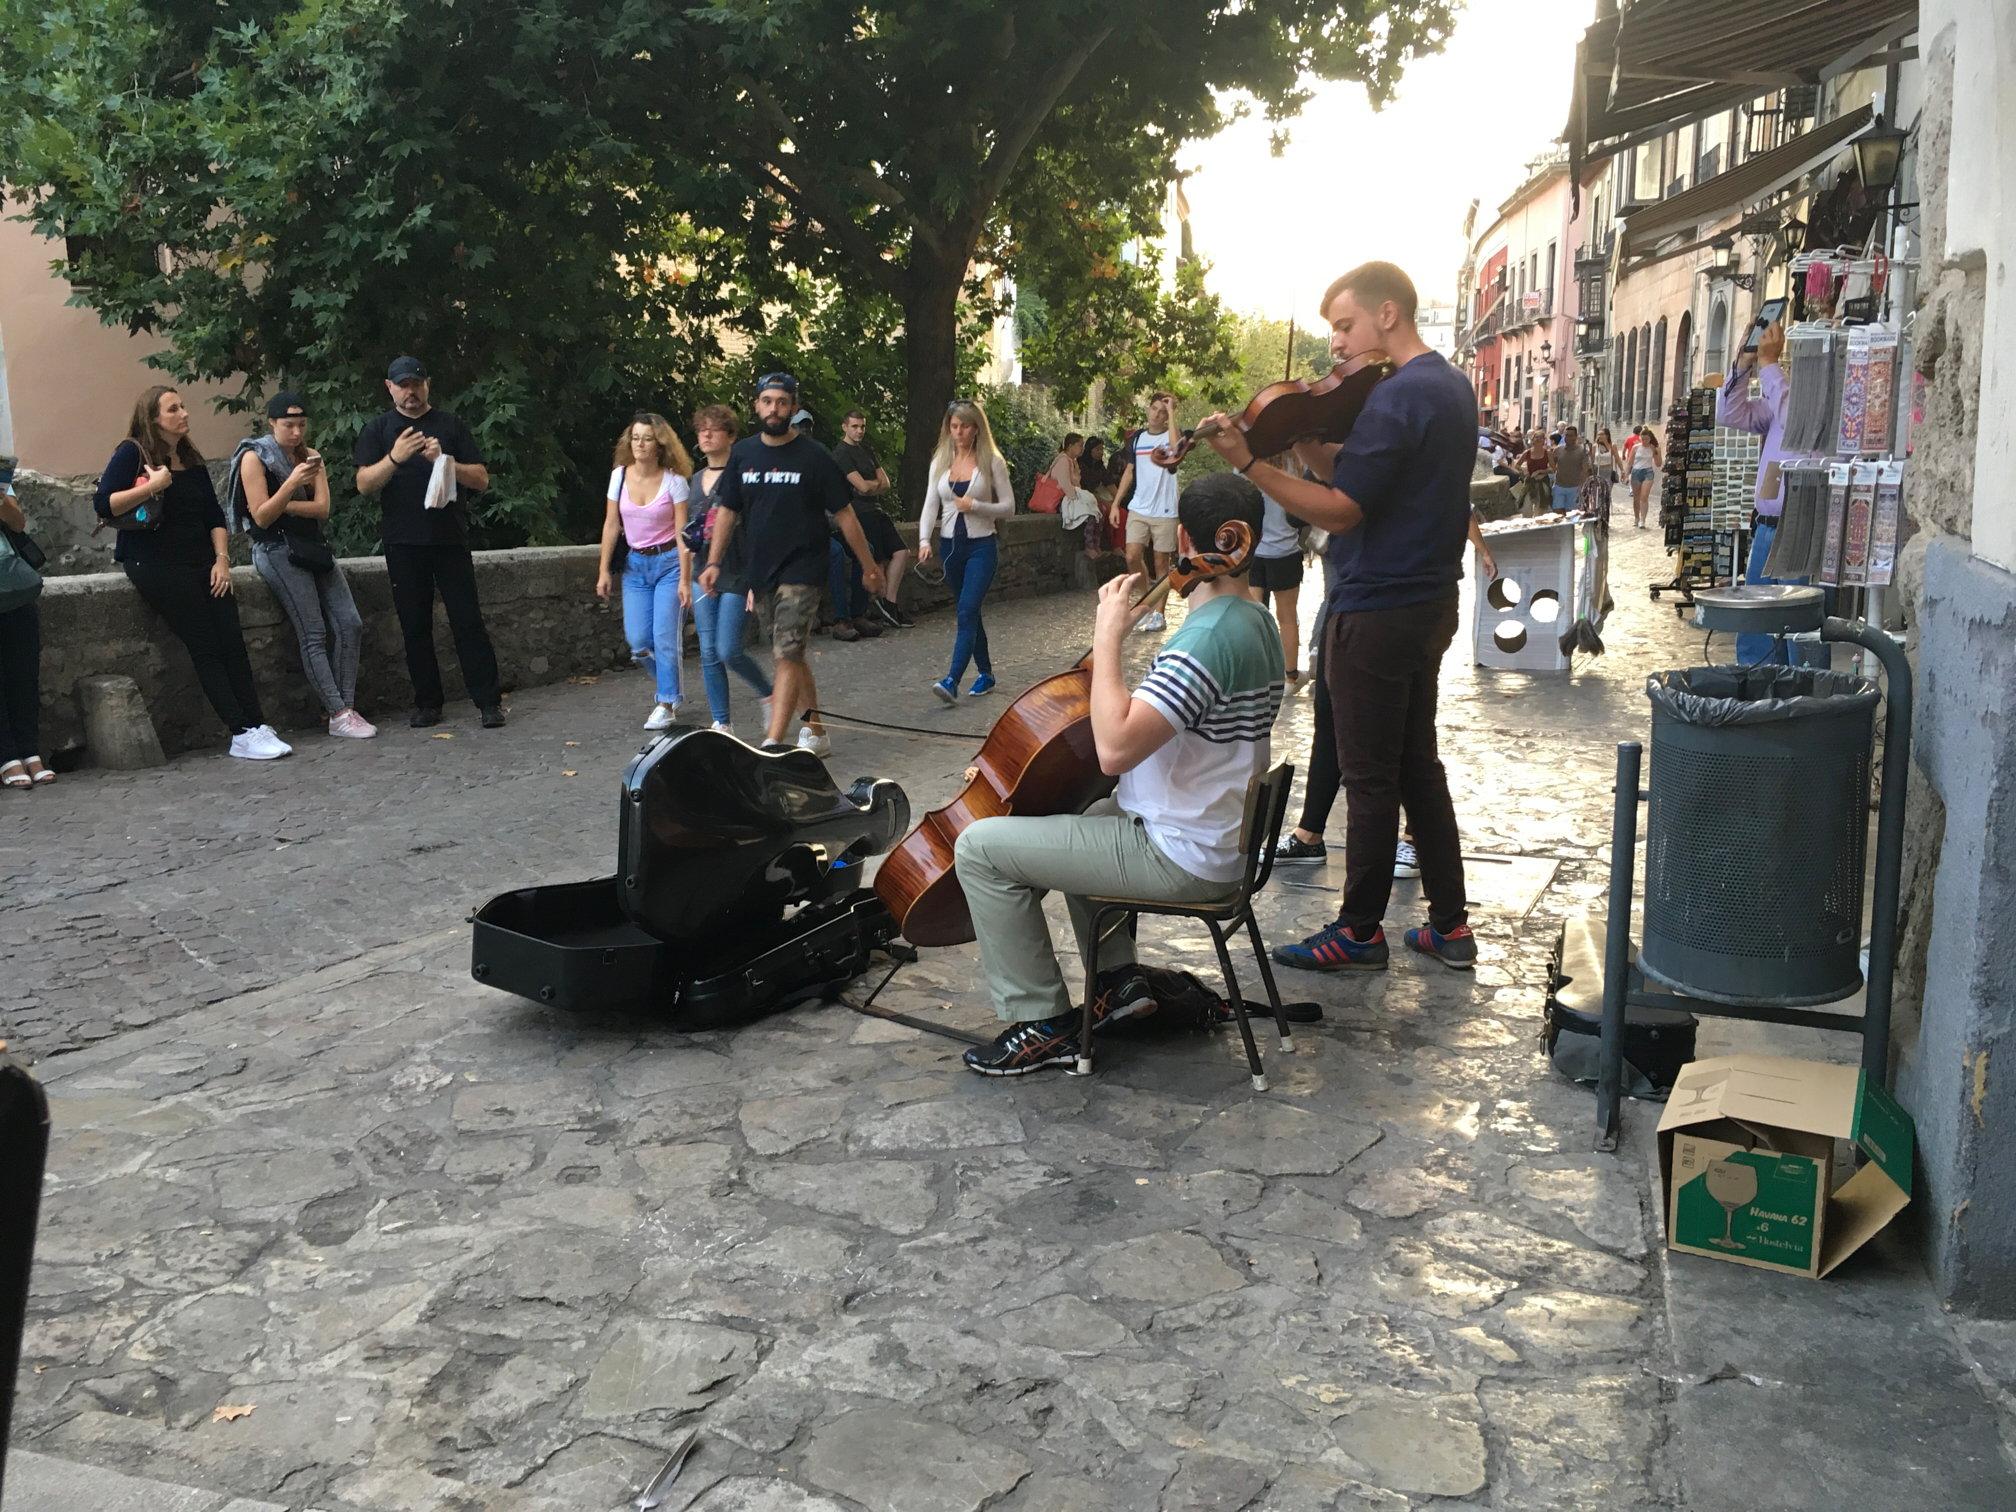 Straßenmusiker am La Fontana